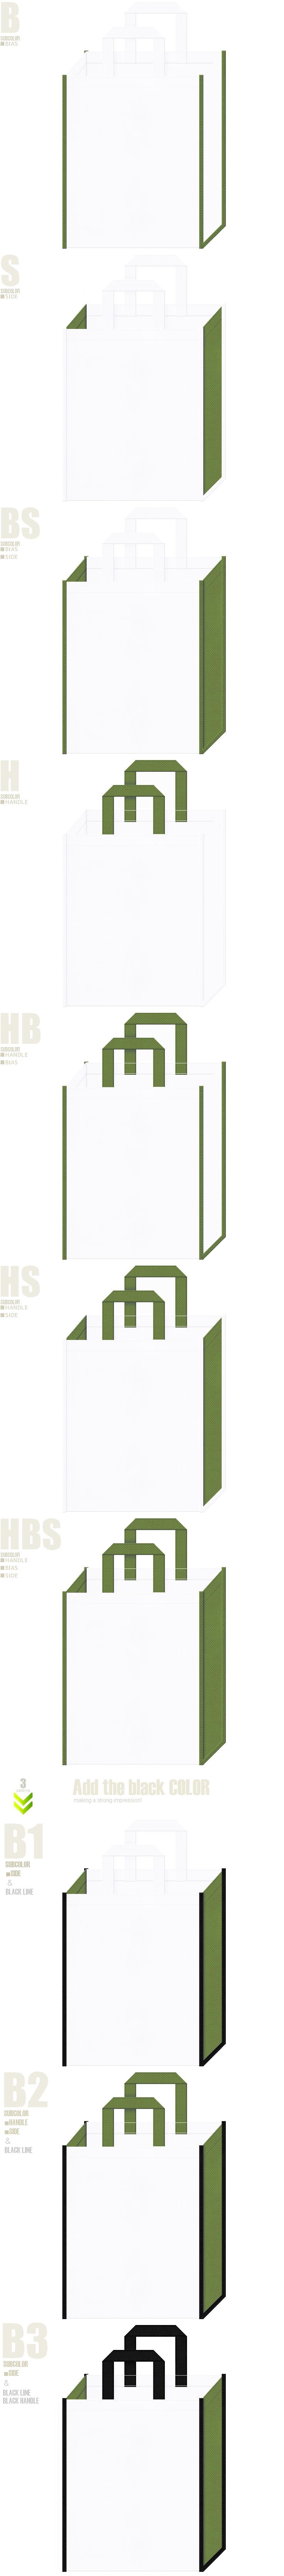 抹茶アイス・抹茶氷・プランター・園芸用品・農学部・バイオ・生物学・学校・学園・オープンキャンパスにお奨めの不織布バッグデザイン:白色と草色のコーデ10パターン